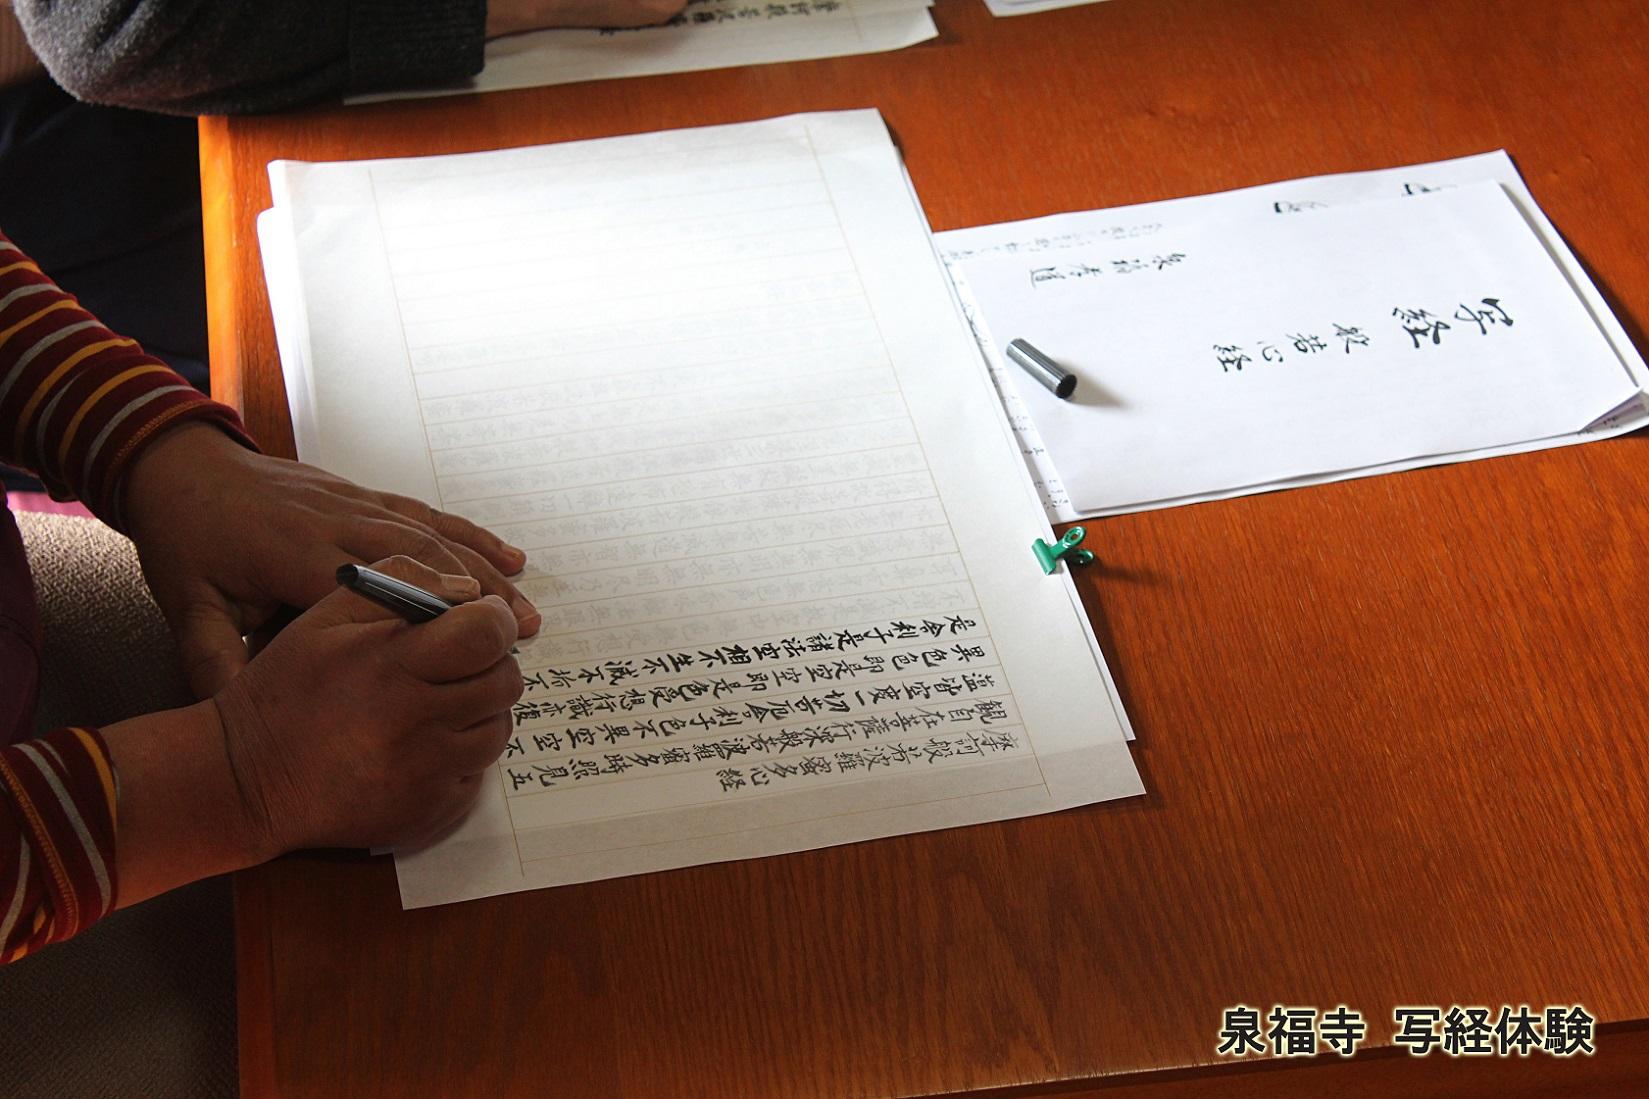 【大分・国東半島】泉福寺 本格坐禅と写経体験本格坐禅 + 写経